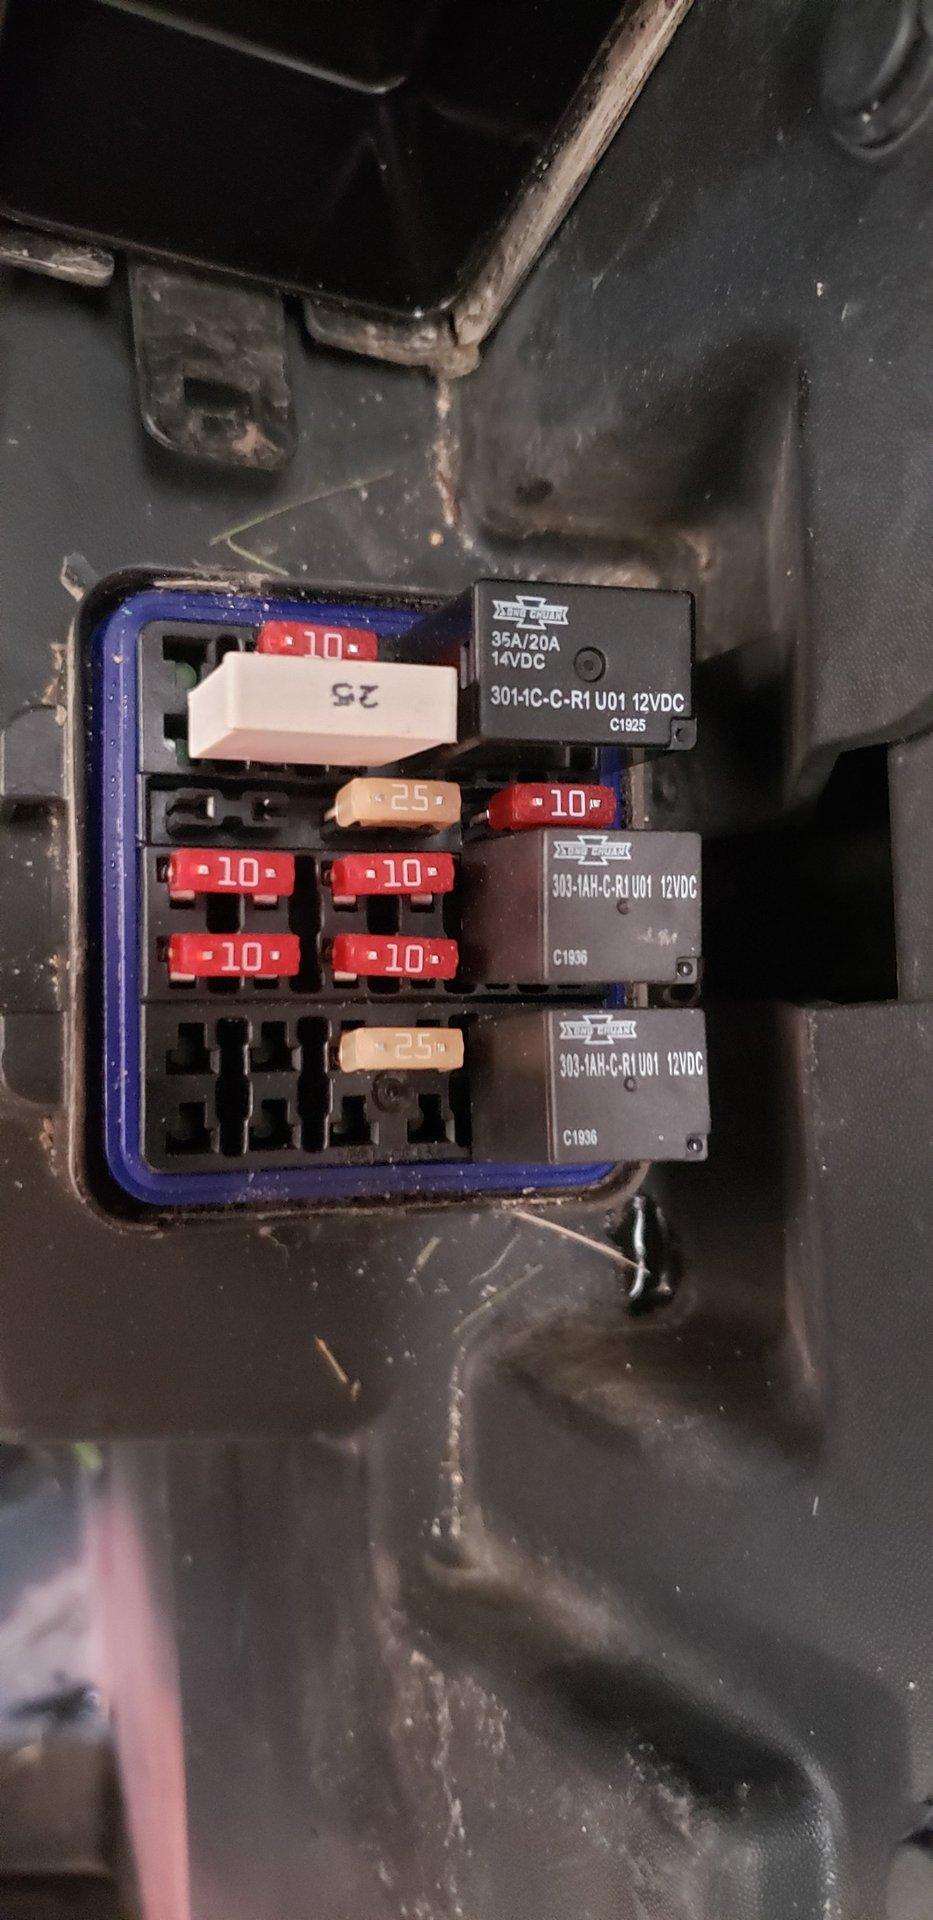 can am maverick fuse box diagram - wiring diagram page rush-fix-a -  rush-fix-a.granballodicomo.it  granballodicomo.it